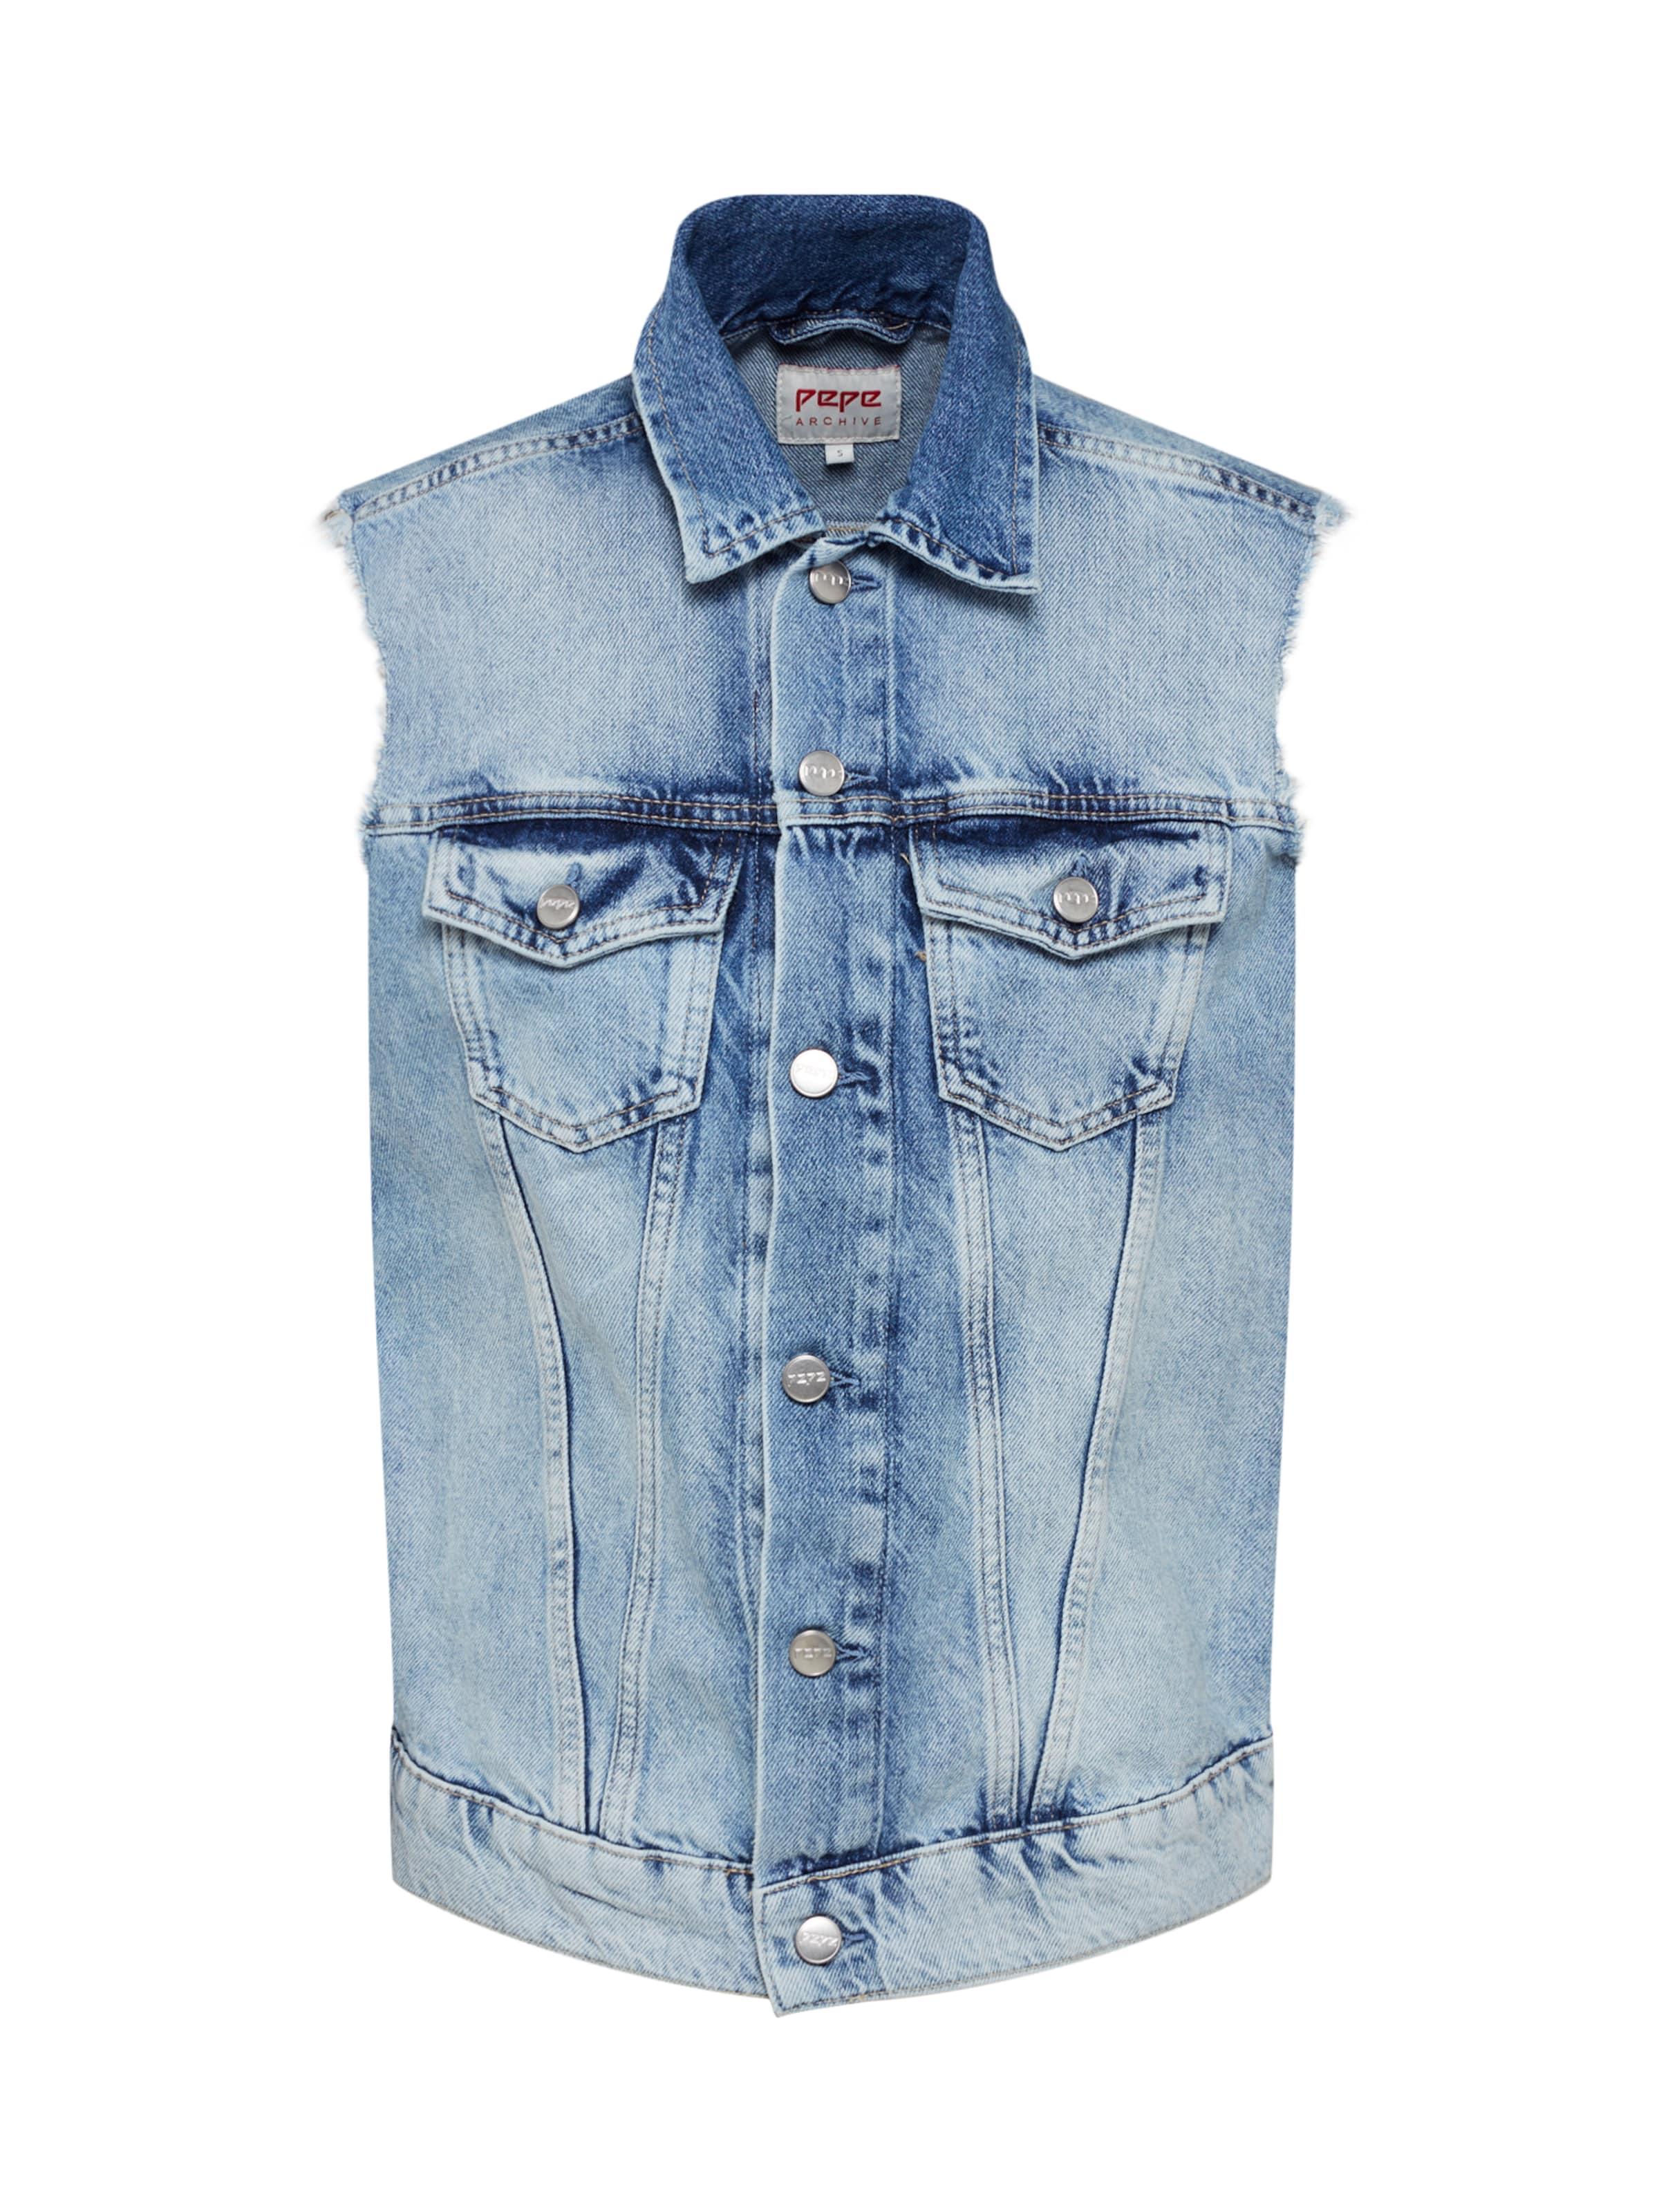 Gilet Pepe Jeans En Denim 'maria' Bleu cj3L5q4AR